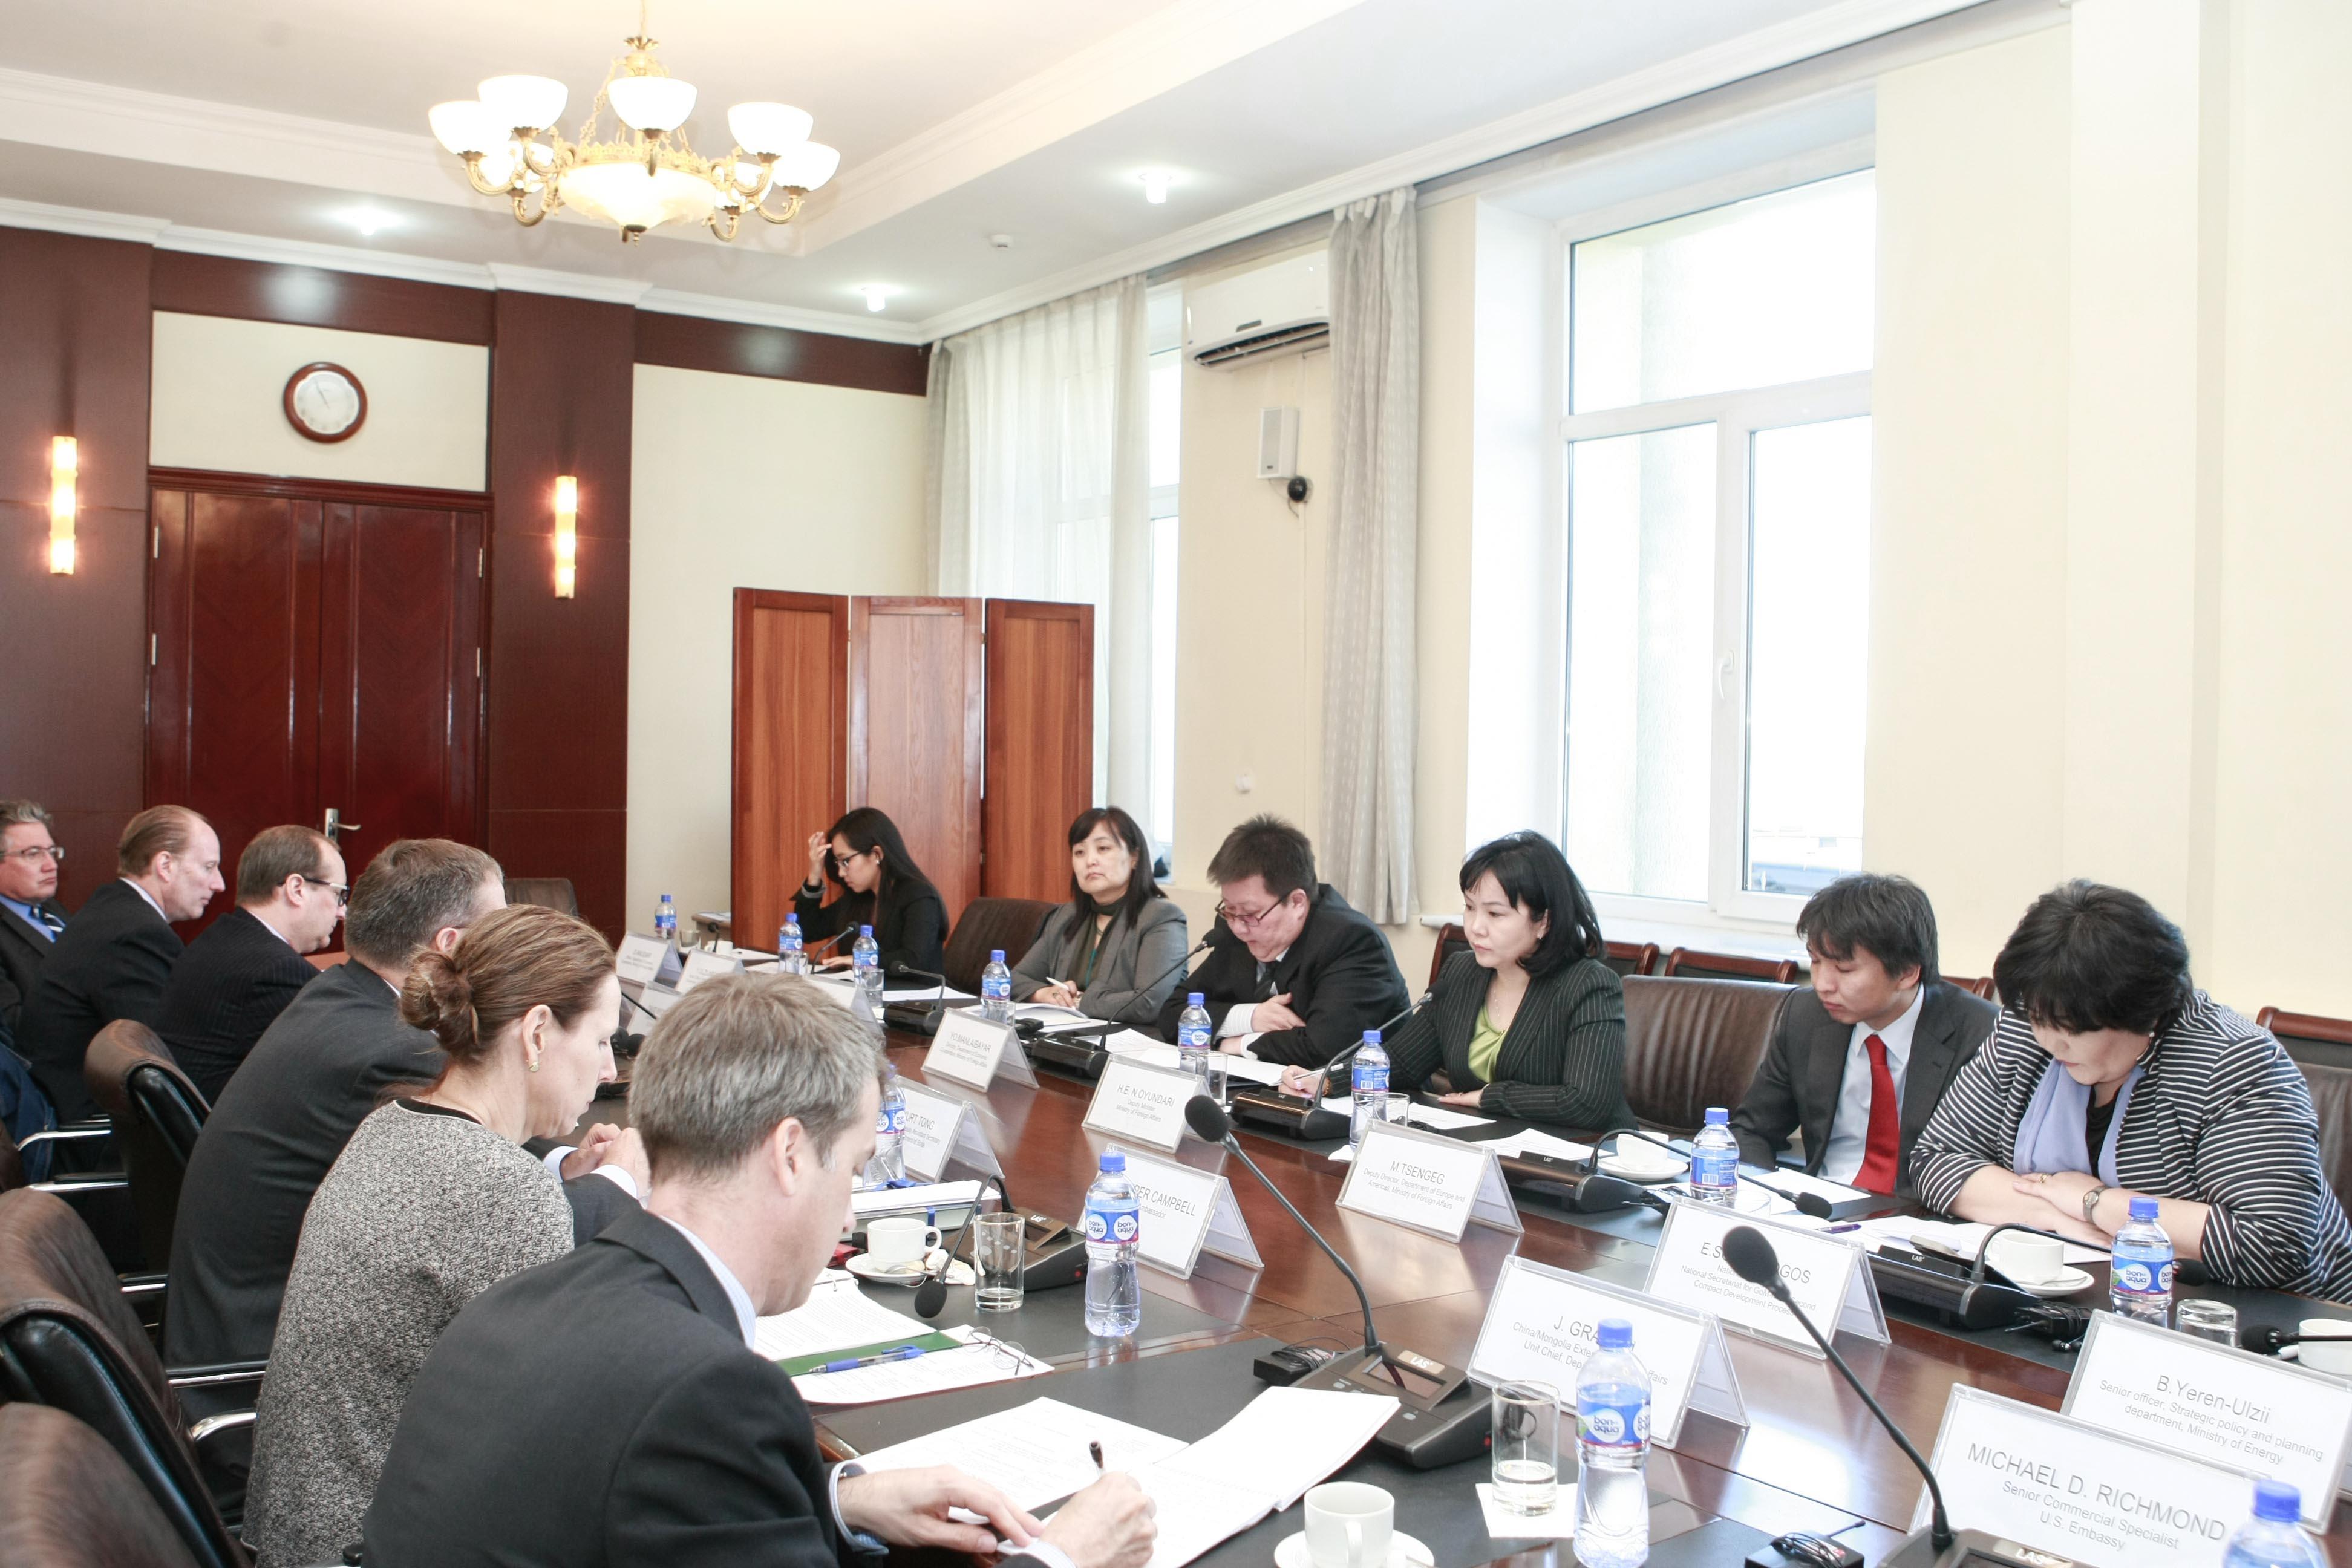 Эдийн засгийн бодлогын зөвлөлдөх уулзалт өндрөлөлөө